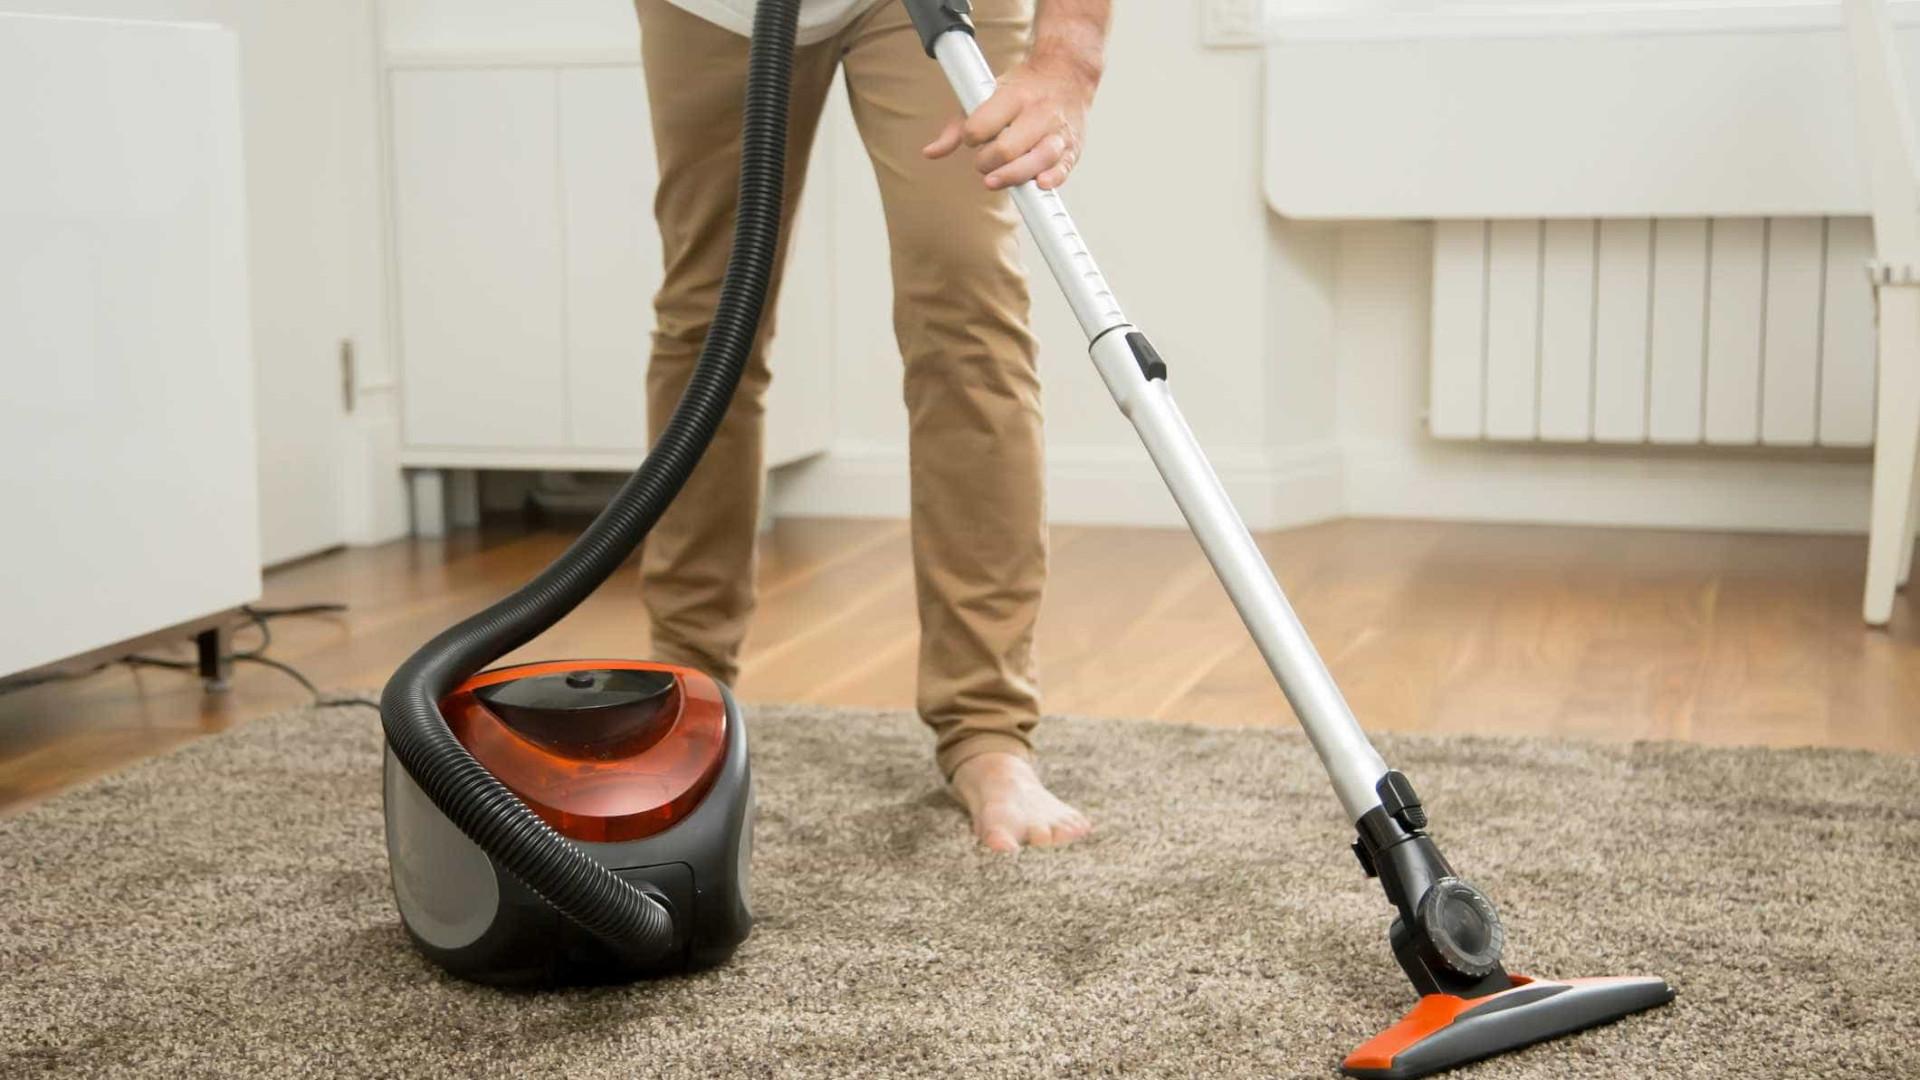 Problemas com as tarefas domésticas? Esta app pode dar-lhe uma ajuda